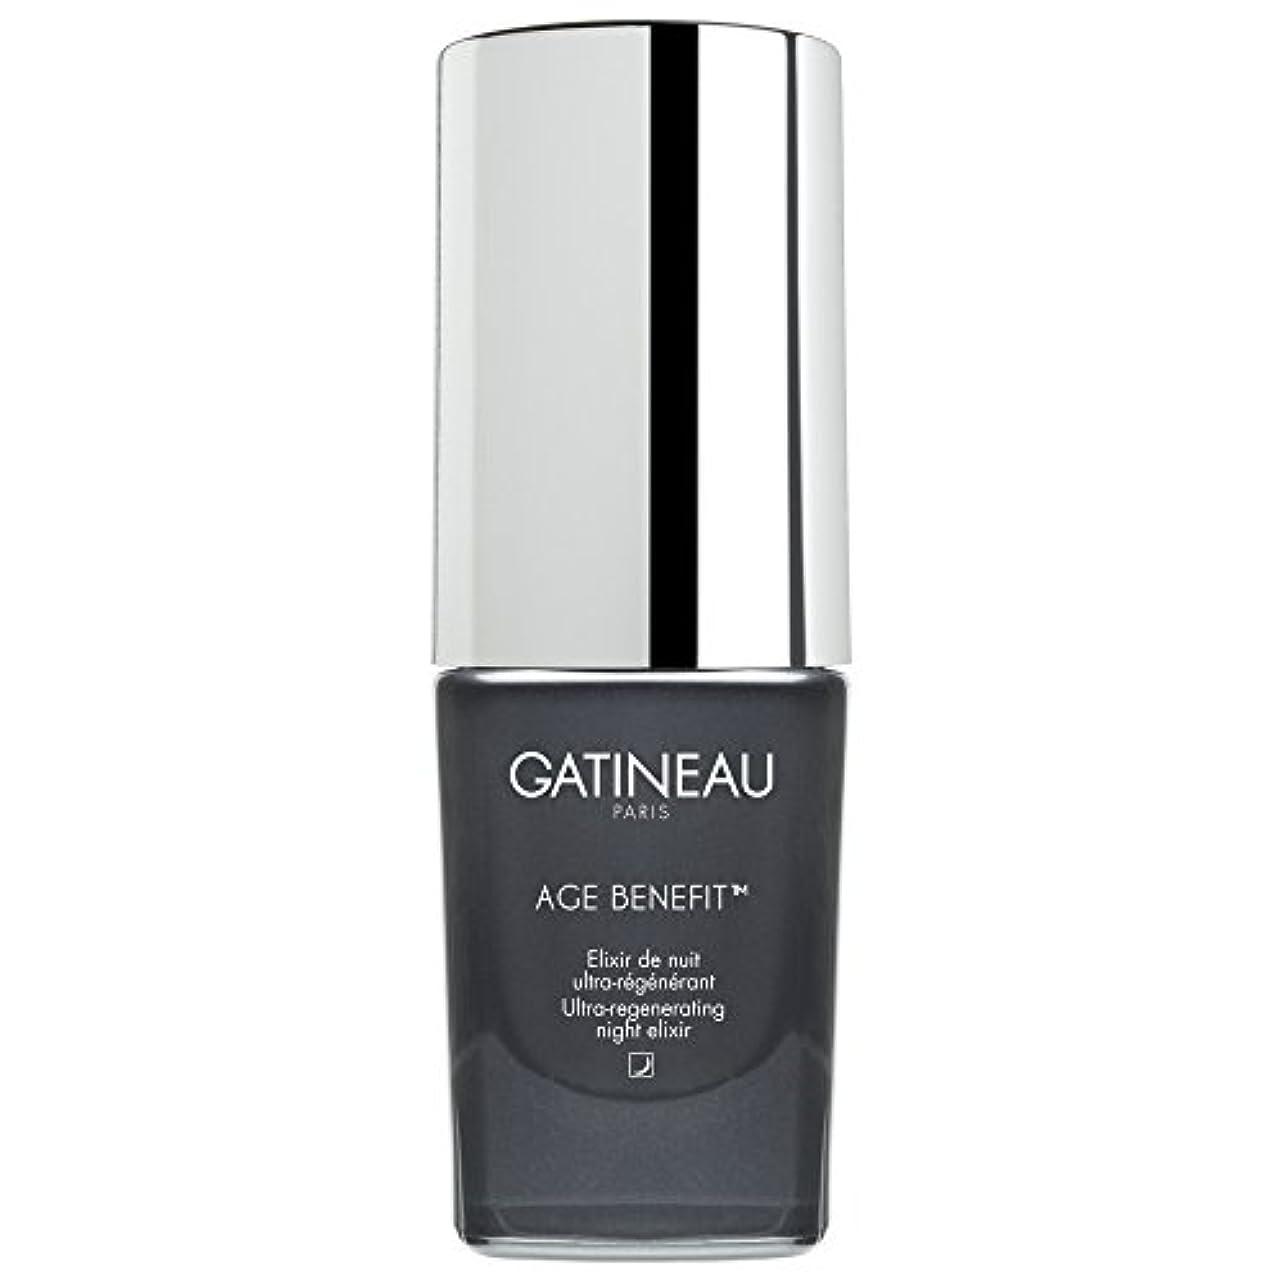 ホールドオール受賞略奪ガティノー年齢給付超再生夜のエリクシルの15ミリリットル (Gatineau) (x2) - Gatineau Age Benefit Ultra-Regenerating Night Elixir 15ml (Pack...